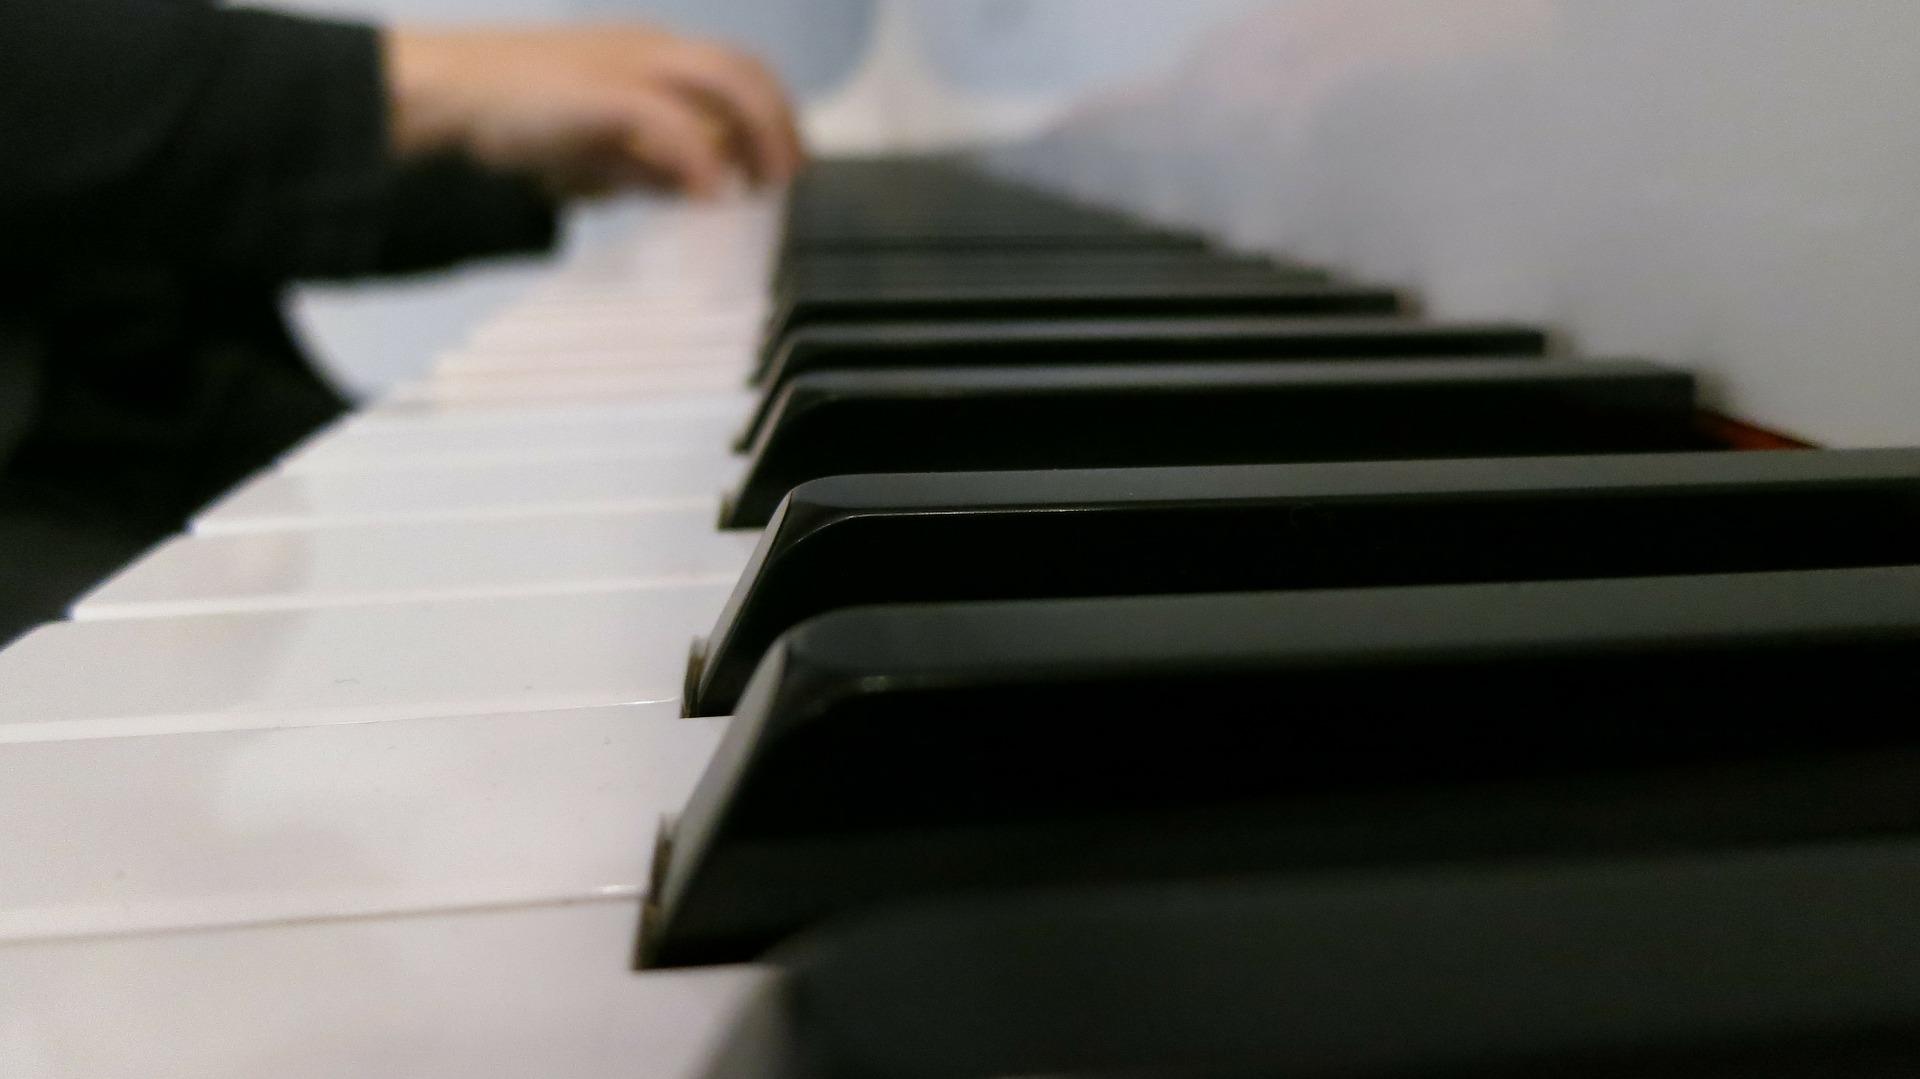 piano-186884_1920